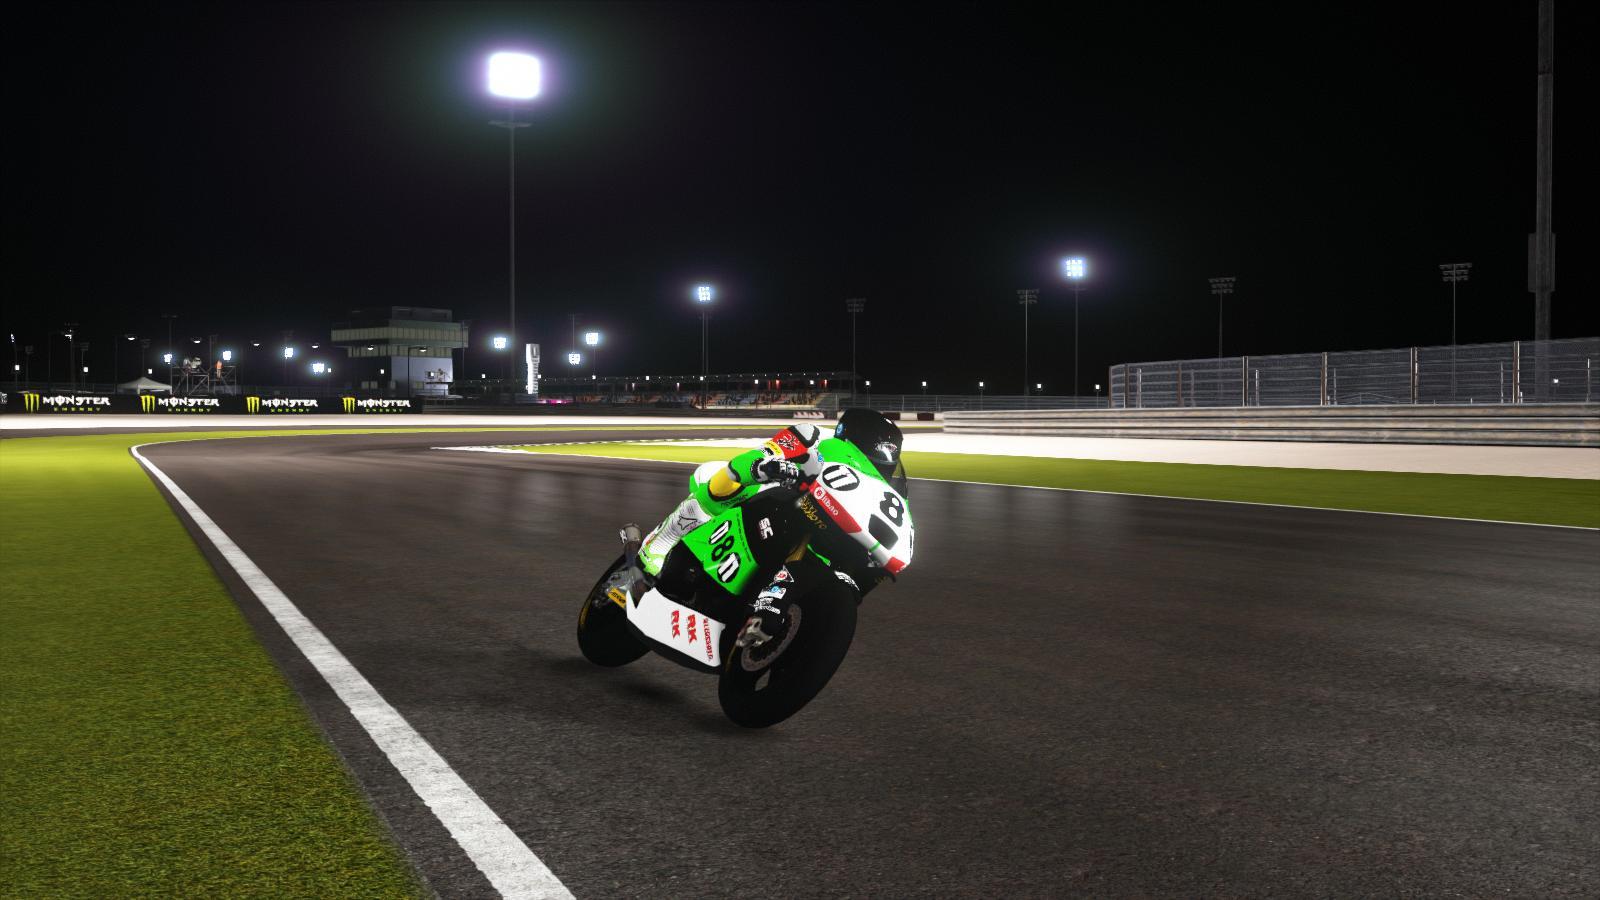 MotoGP15X64 2016-03-22 03-33-40-71.jpg